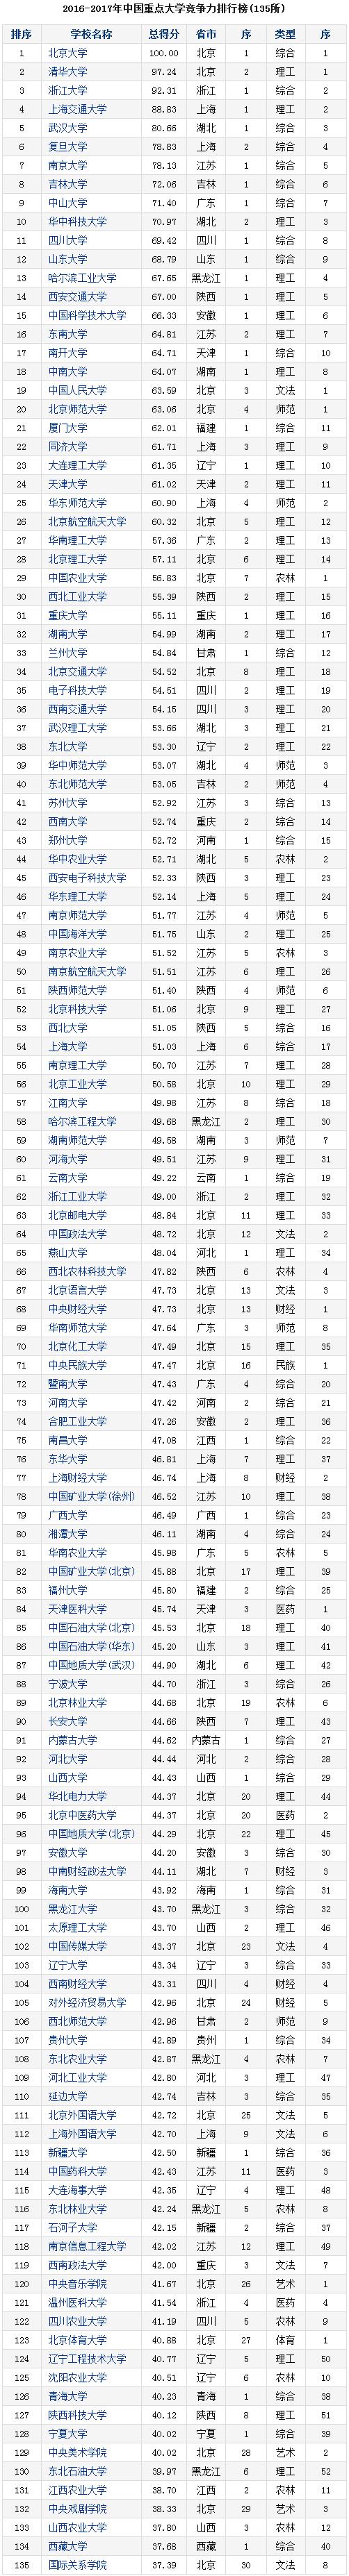 2016-2017年中国重点大学竞争力排行榜(135所)